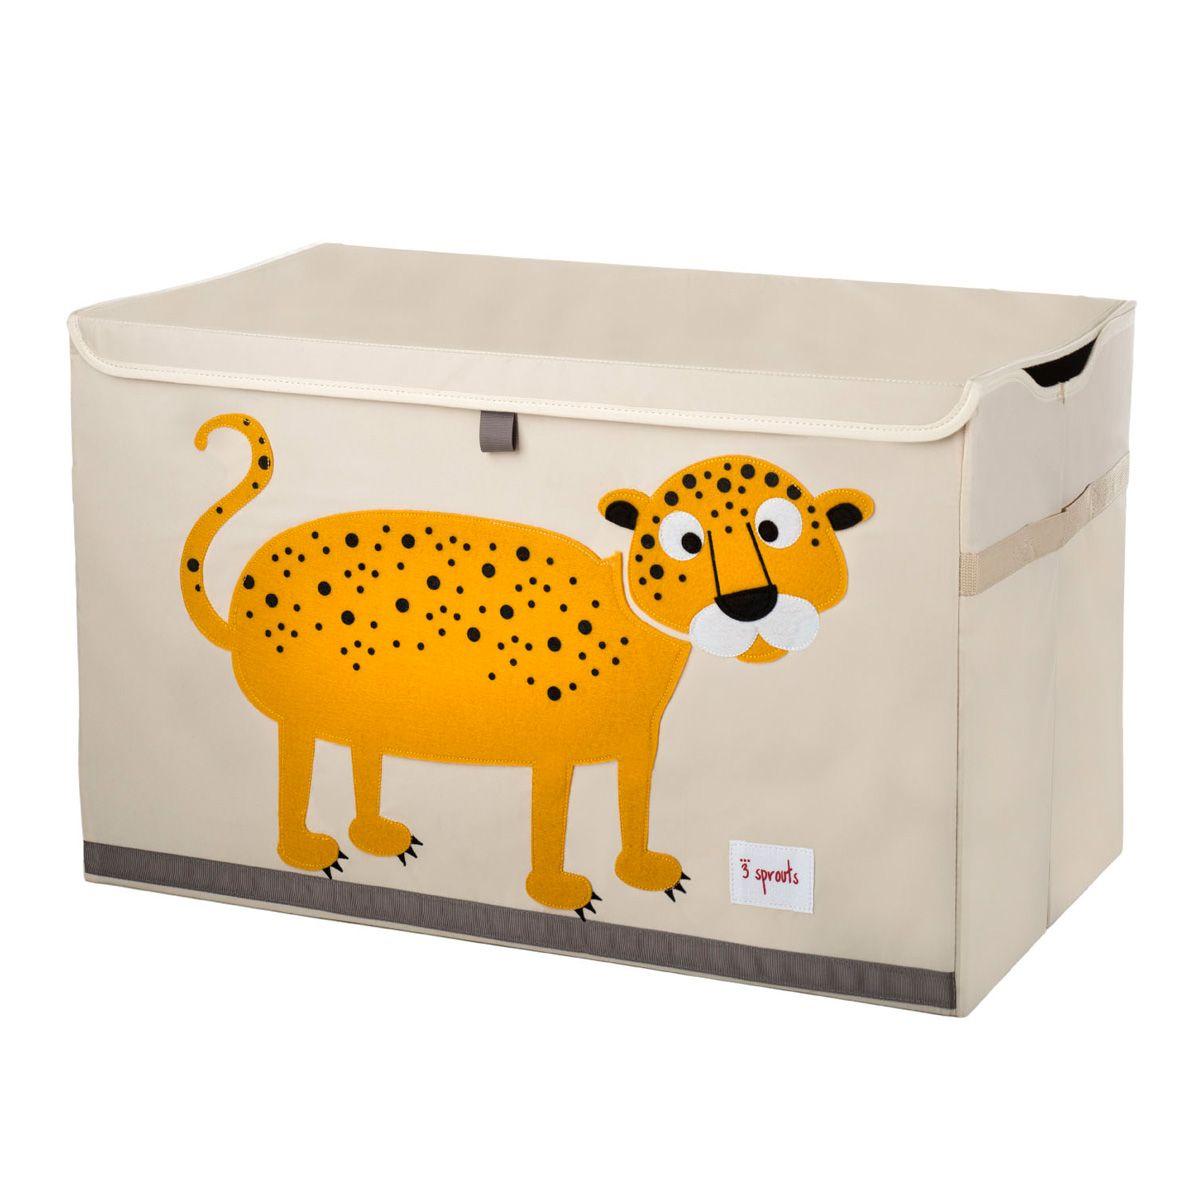 Full Size of Aufbewahrungsbox Kinderzimmer Spielzeugkiste Truhe Toy Chest Leopard Von 3 Sprouts Regal Weiß Regale Garten Sofa Wohnzimmer Aufbewahrungsbox Kinderzimmer